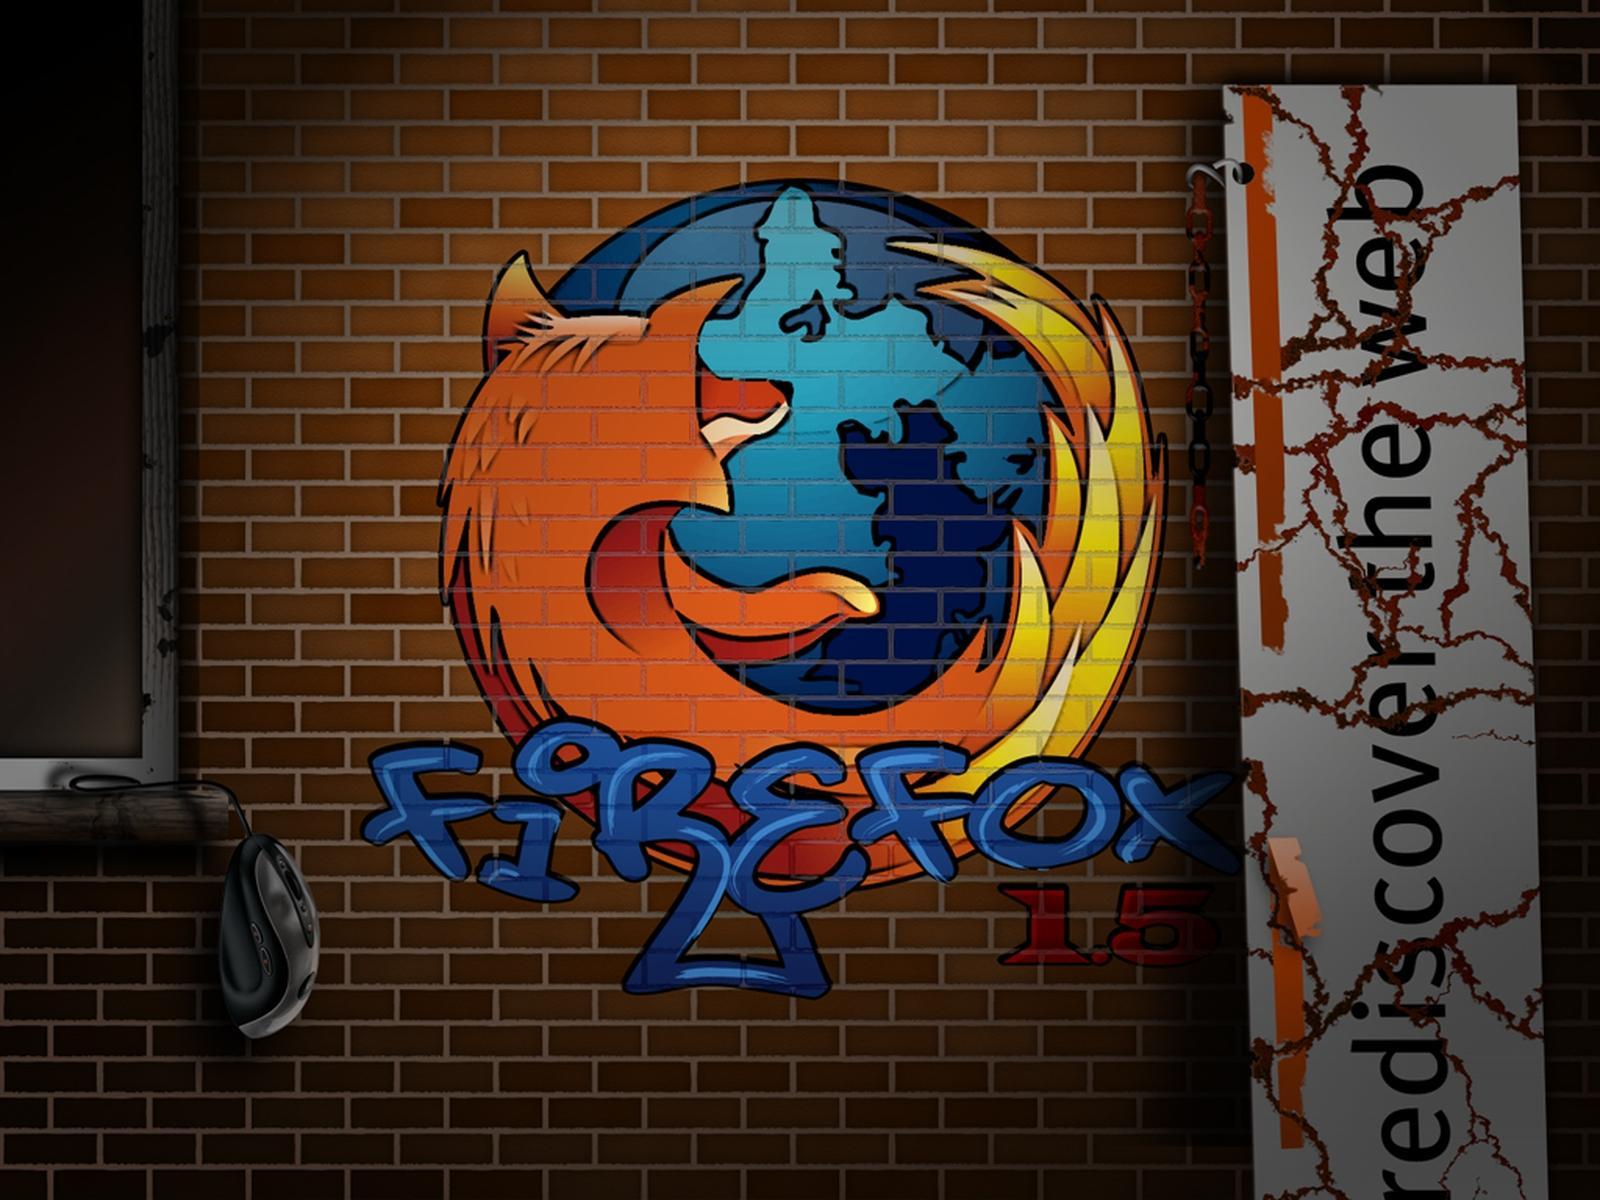 https://3.bp.blogspot.com/-eeEyputEjAw/TqhbFx9ZAbI/AAAAAAAAFUQ/rLiSI_6kW0E/s1600/Firefox-graffiti.jpg